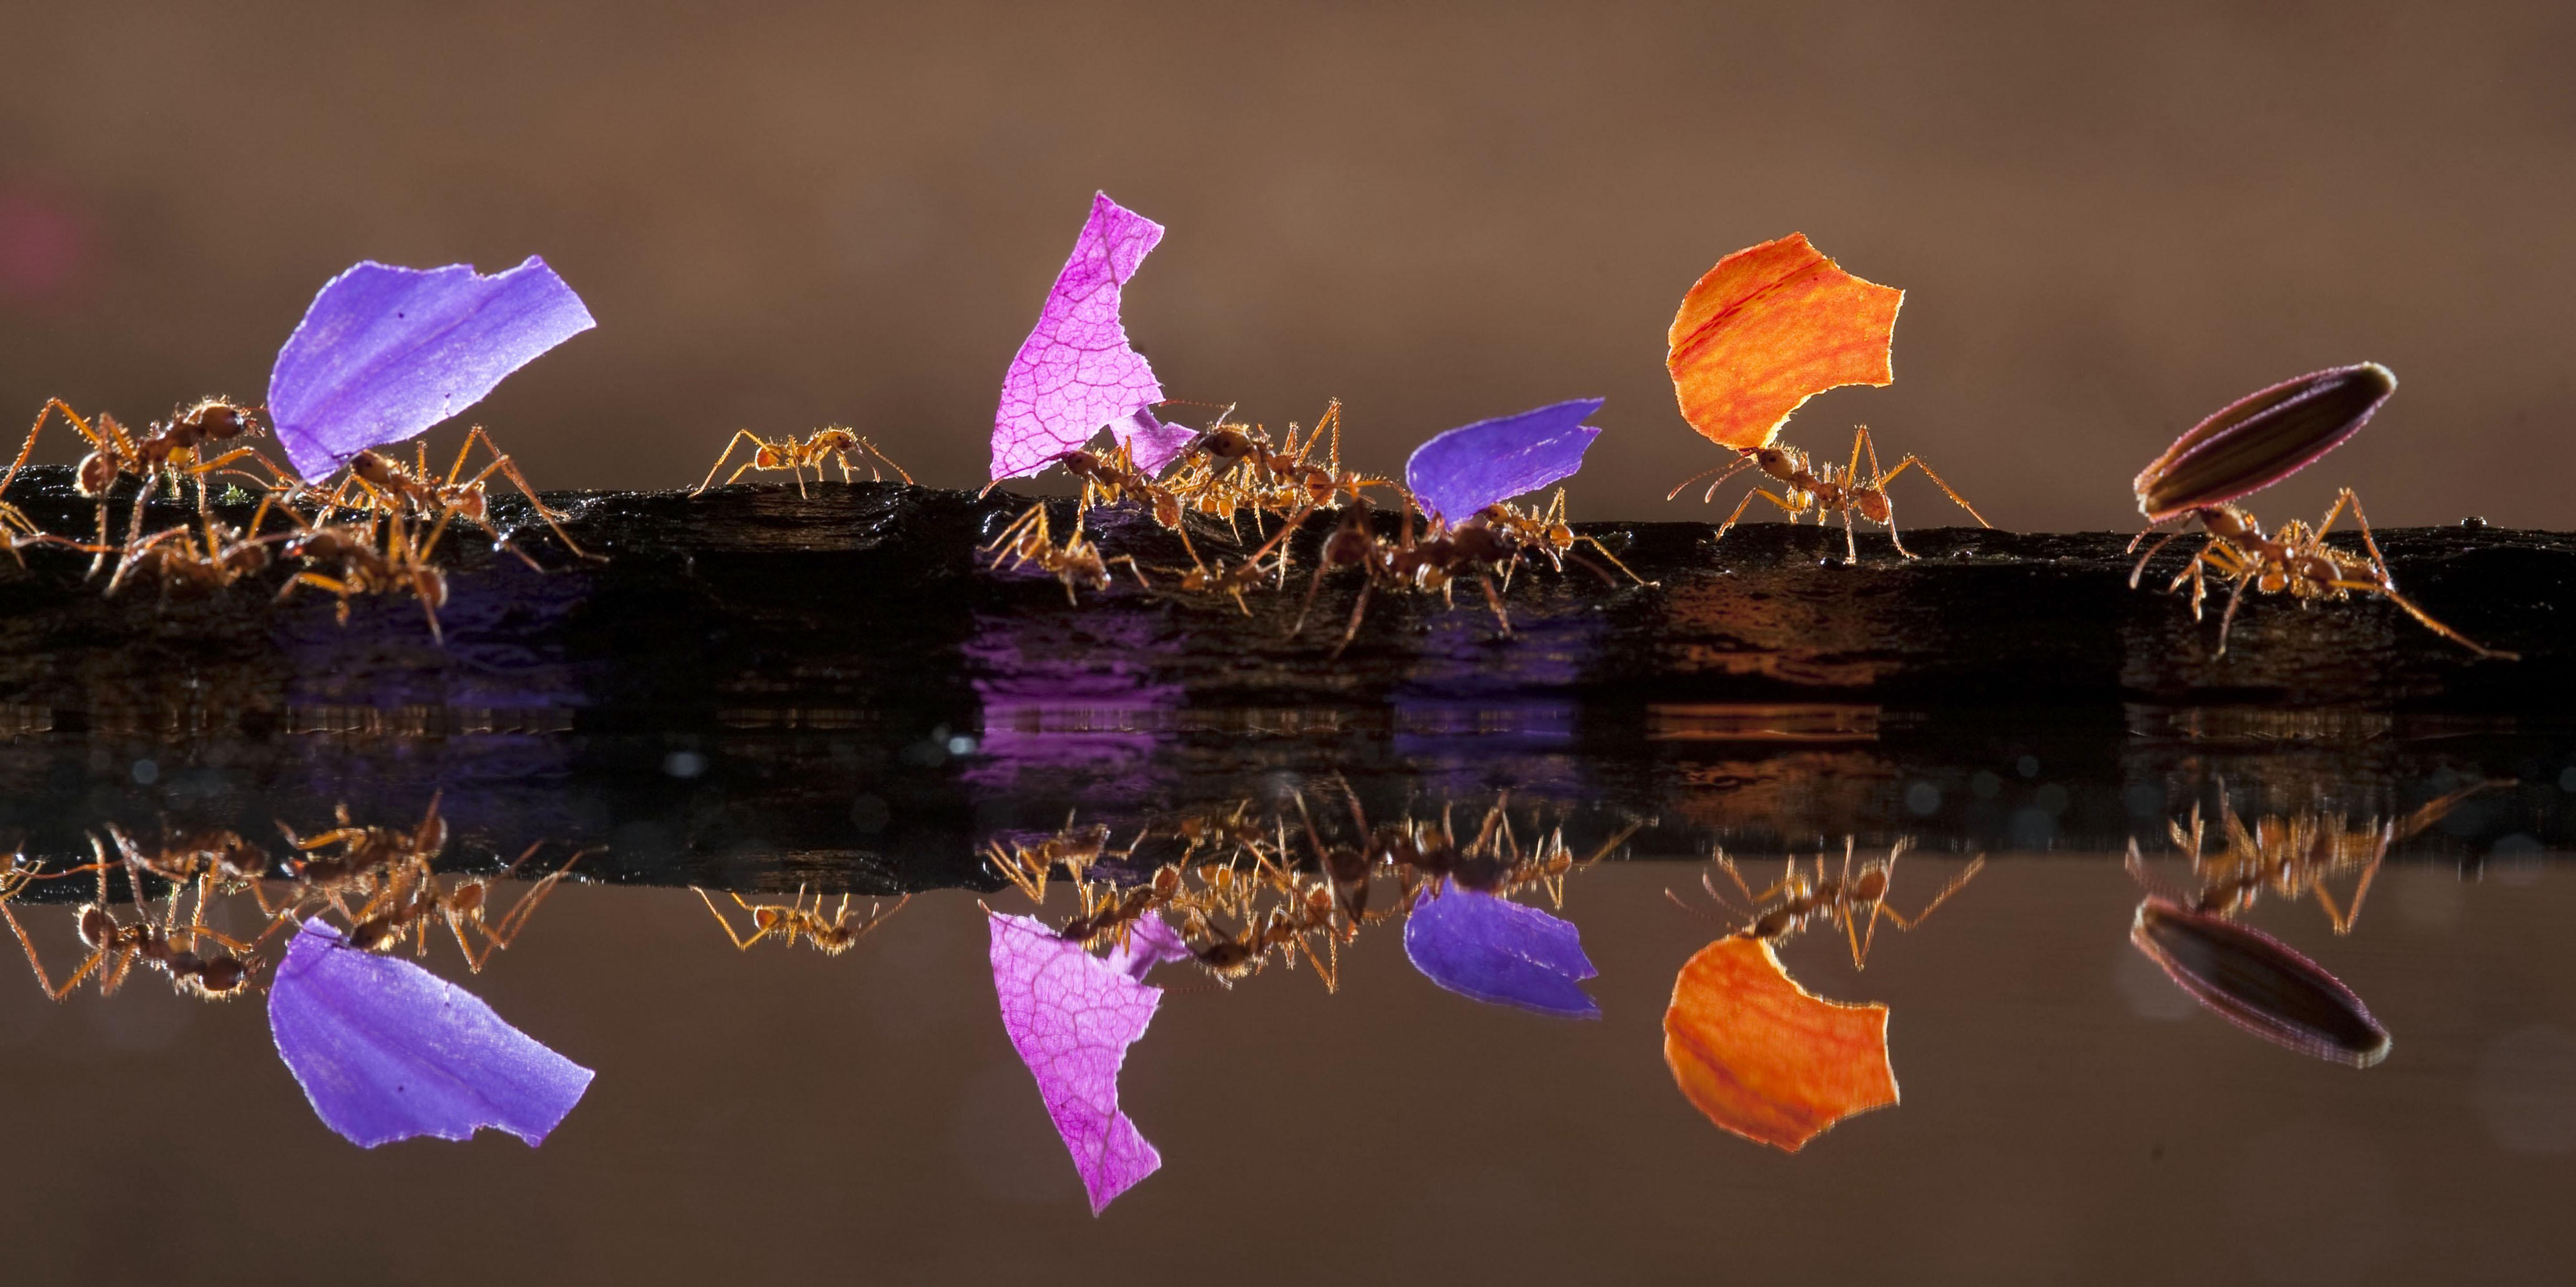 RAINBOW ANTS